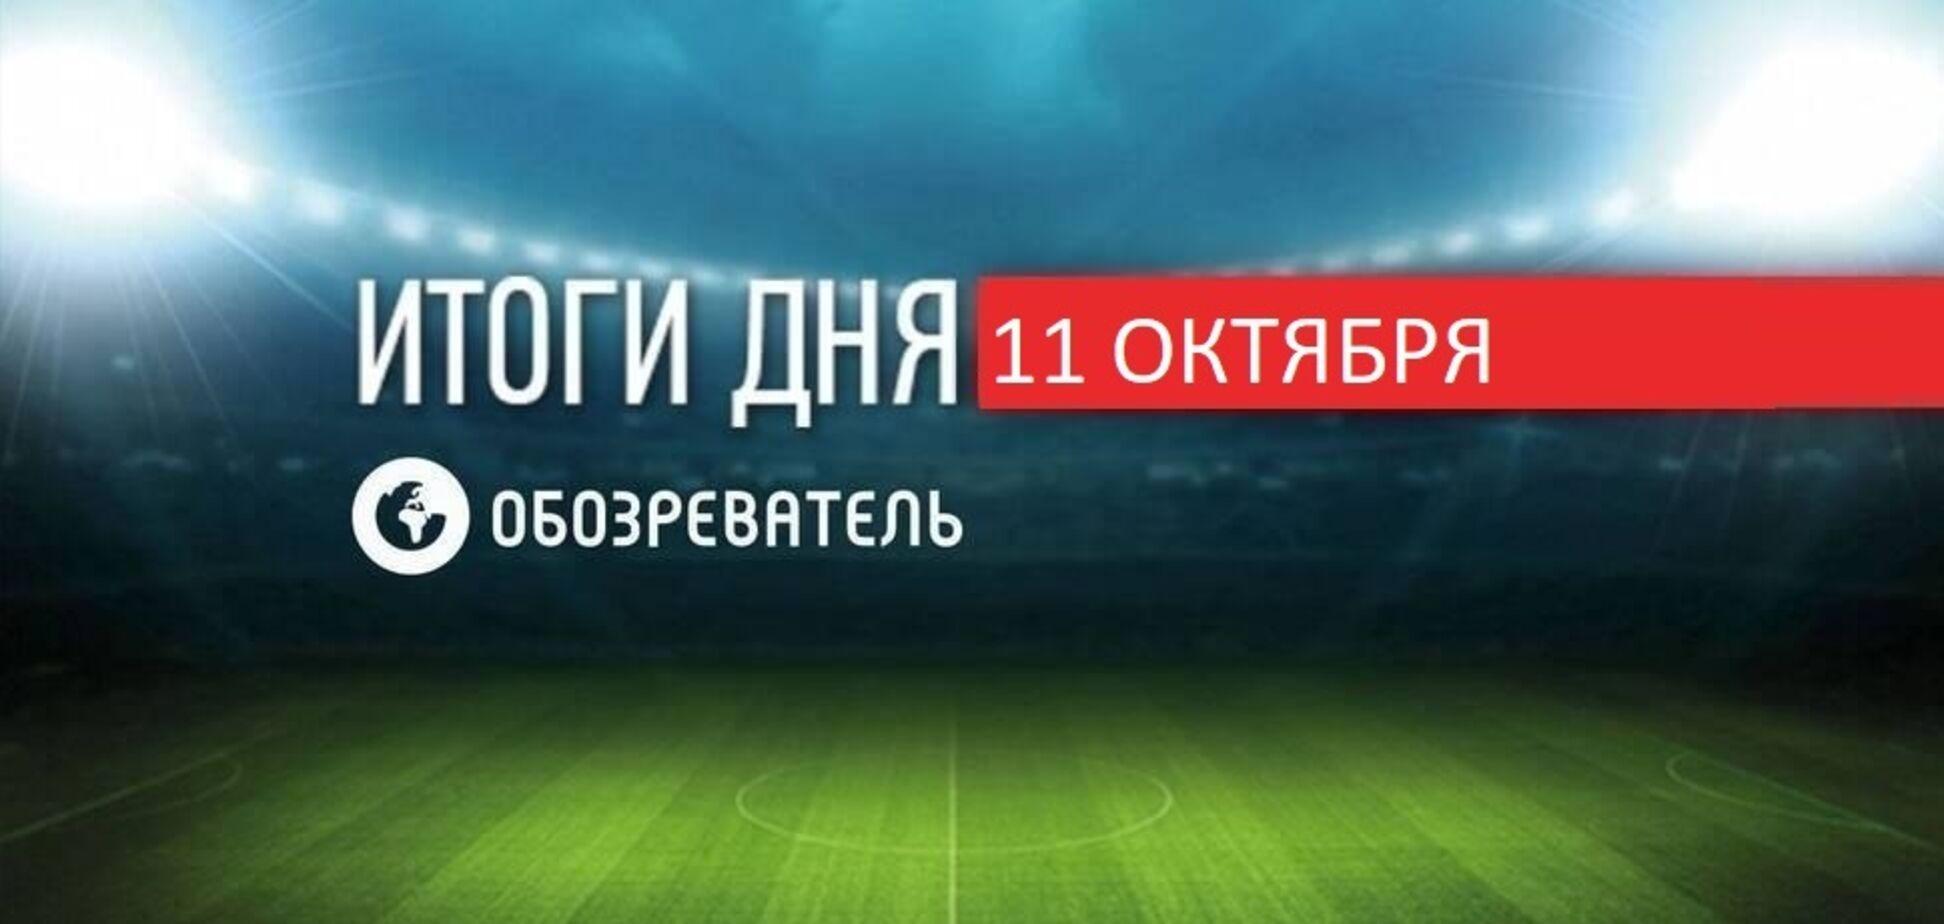 Ярмоленко обматерил партнера во время матча с Германией: спортивные итоги 11 октября